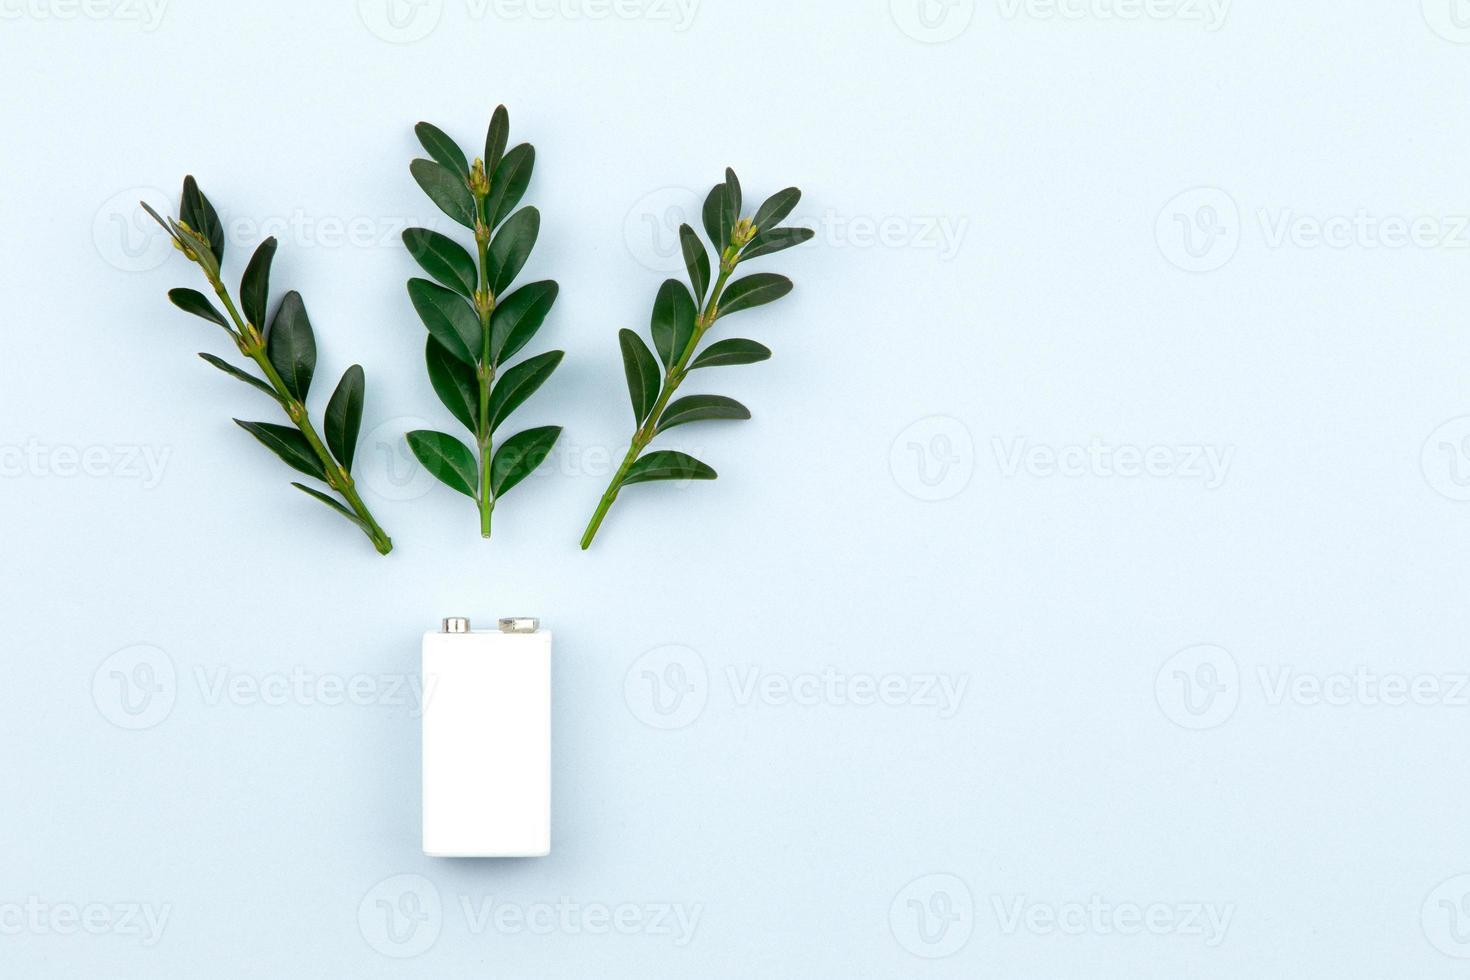 Öko-Energie- oder Ökostromillustration mit einer weißen Batterie und Zweigen verlässt auf einem hellen Hintergrund foto